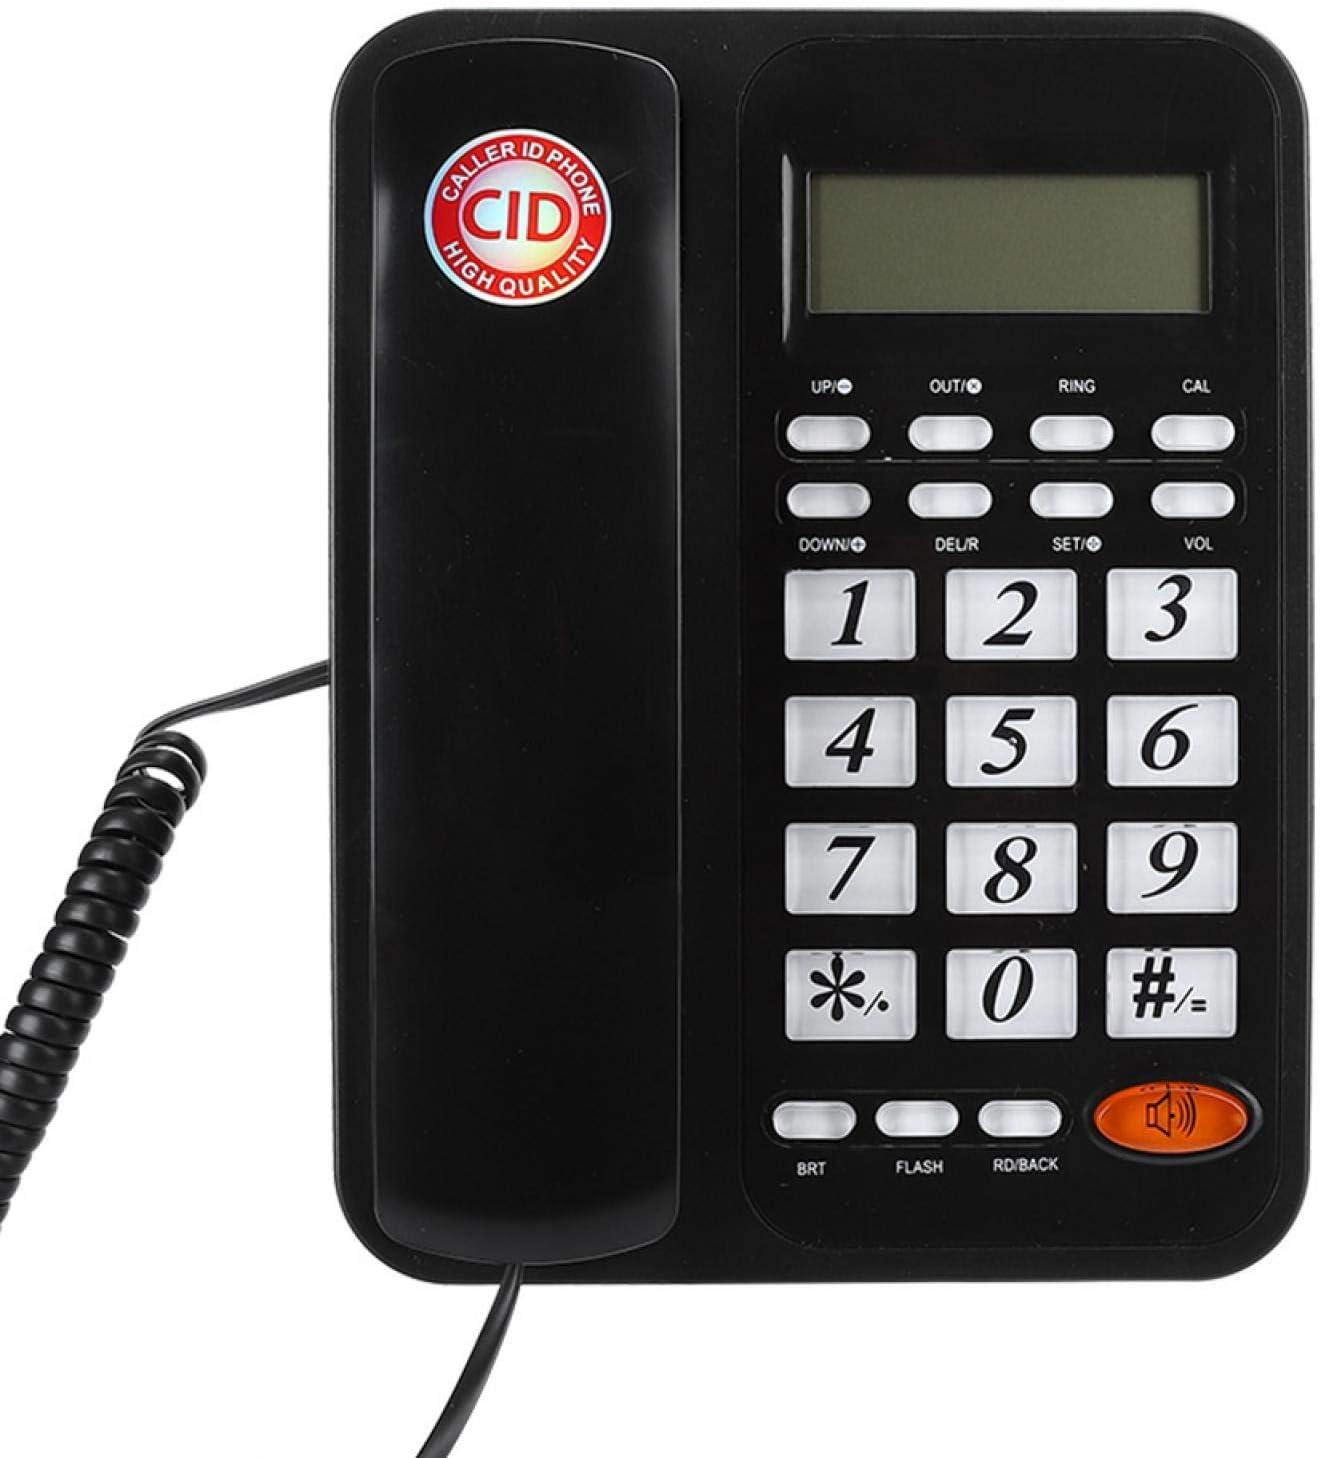 Socobeta Desktop Corded Landline Telephone Corded Telephone Wall Hanging Desktop LCD Screen Display with Speakerphone for Home Office